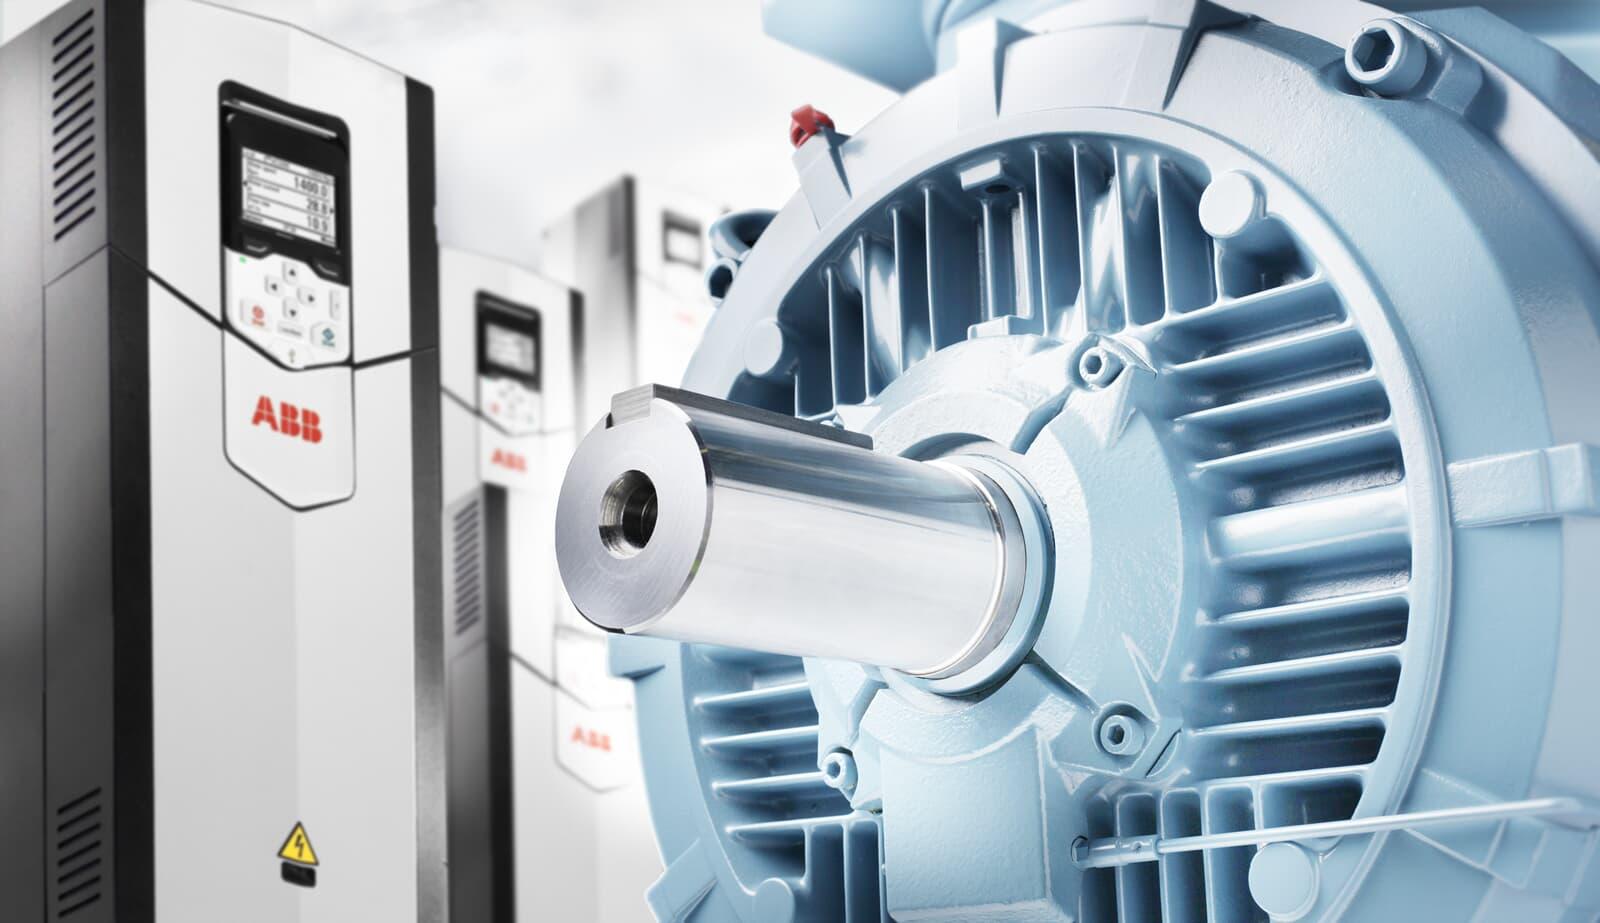 Определение параметров и переменных состояния асинхронных электродвигателей в процессе их работы на основе поискового алгоритма оценивания